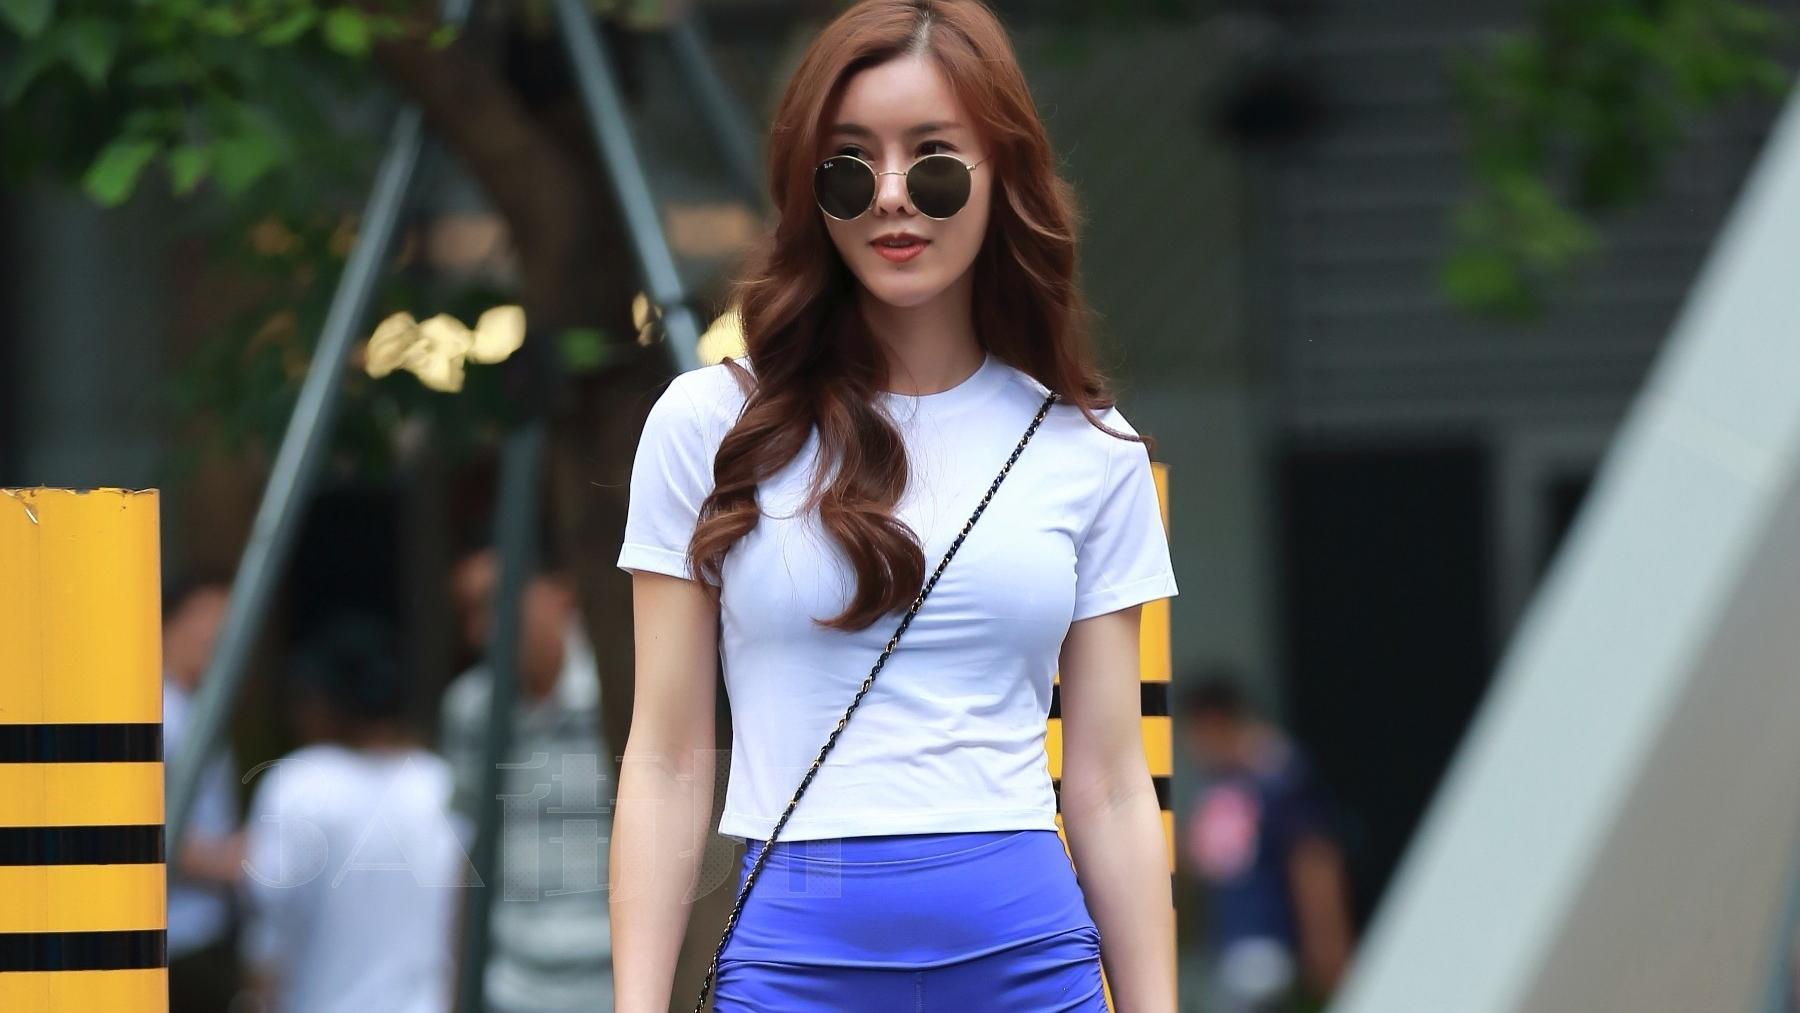 姐姐向往的年轻活力,T恤短裤,简单穿就可以了。